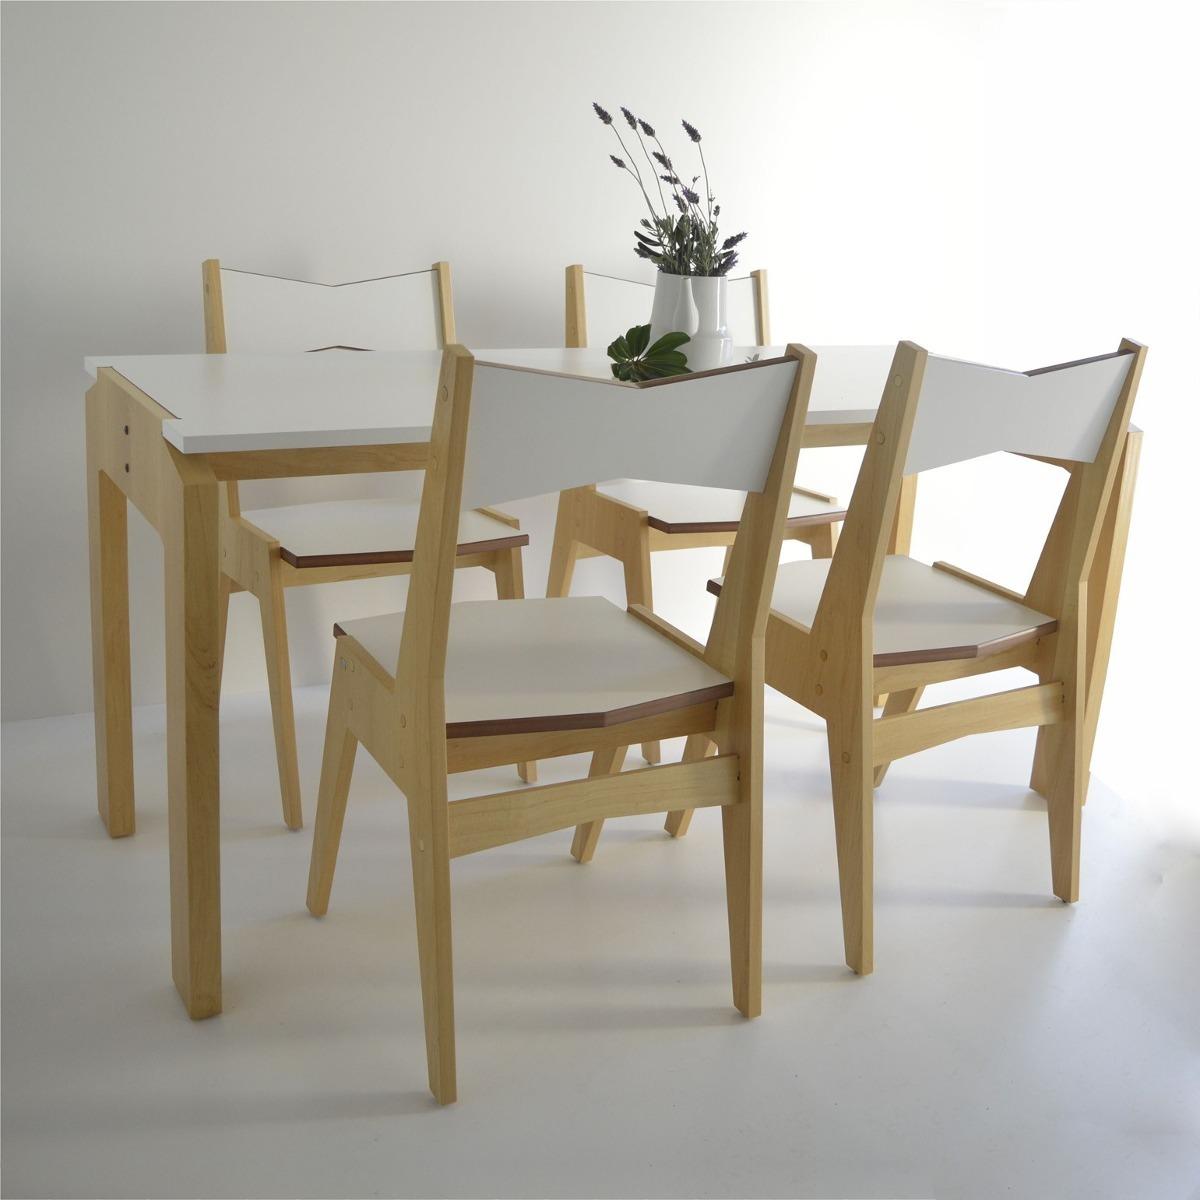 Juego Comedor Moderno Pch Diseño Nordico Mesa 4 Sillas - $ 11.980,00 ...